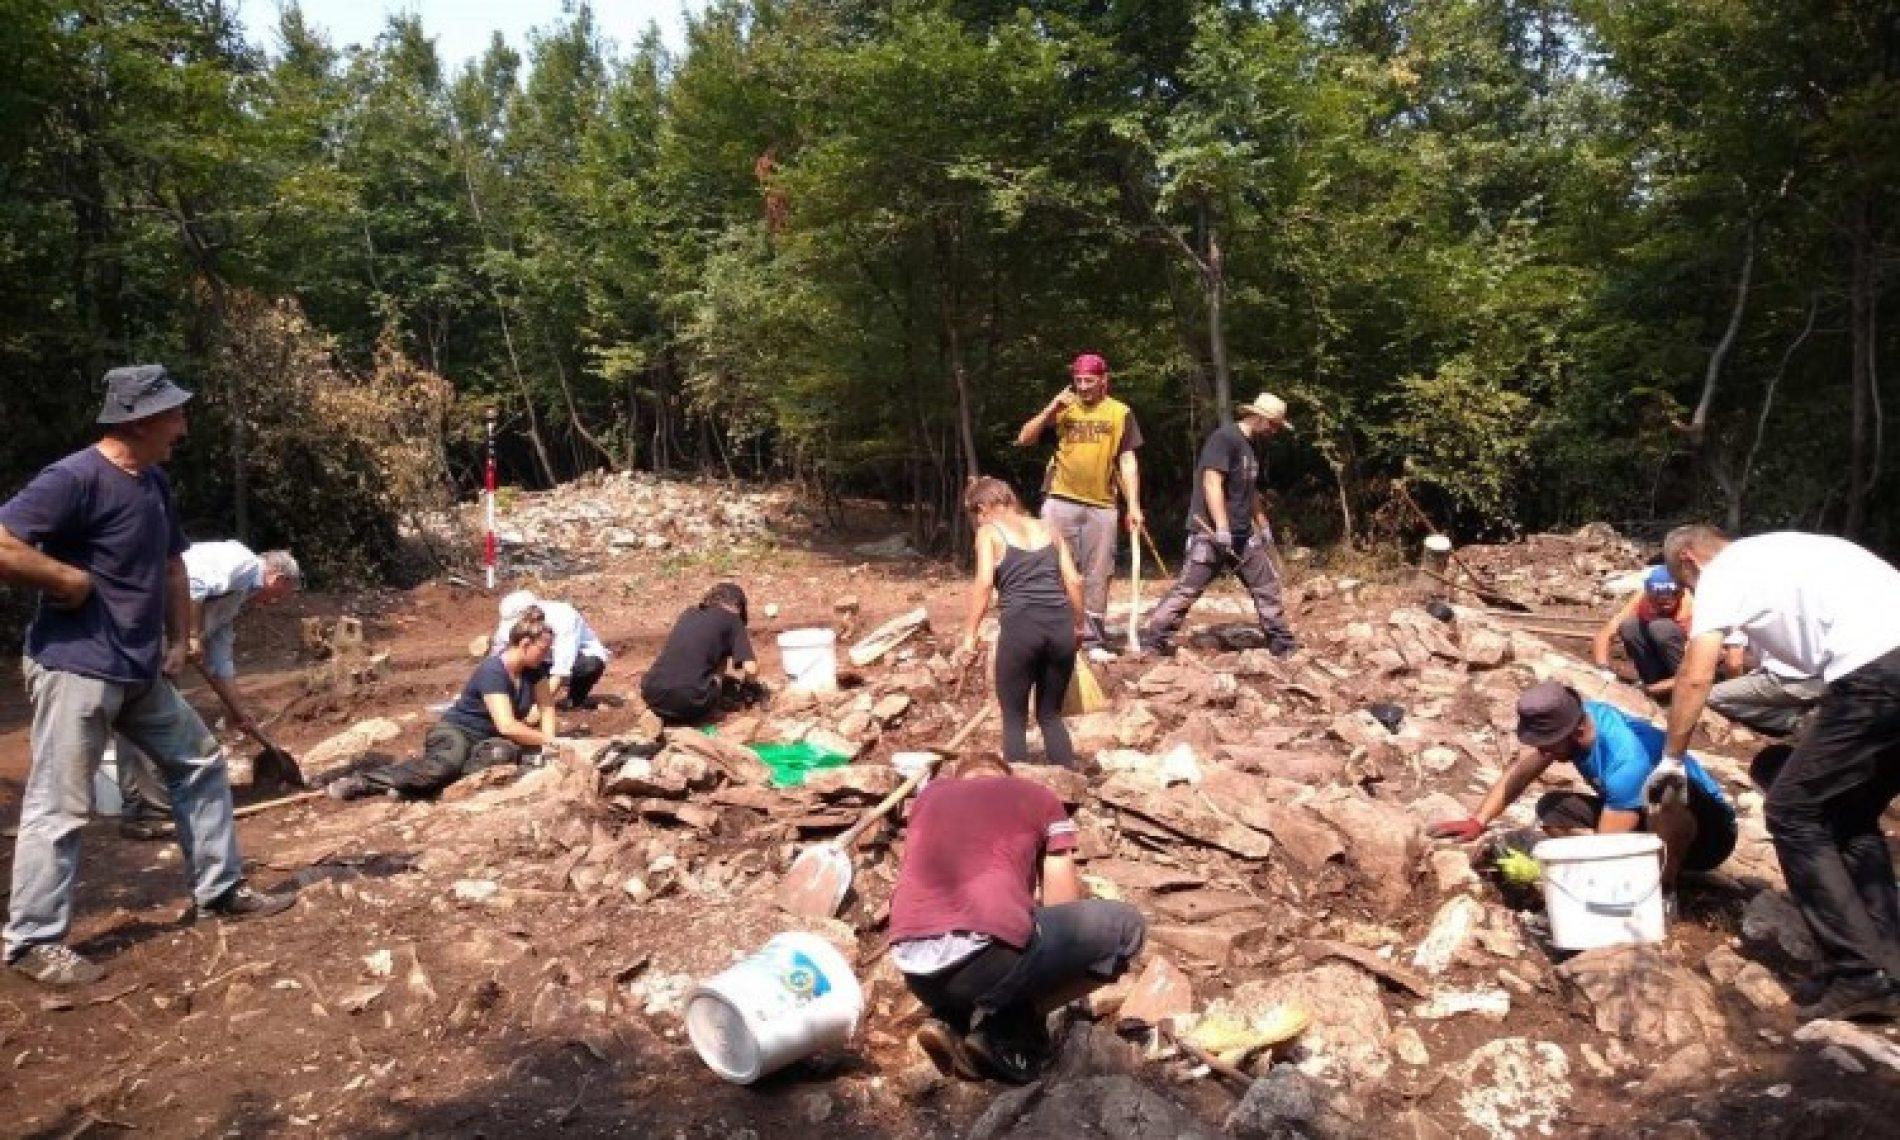 Arheološki nalazi svjedoče da su naselja oko Zenice stara oko 3.100 godina